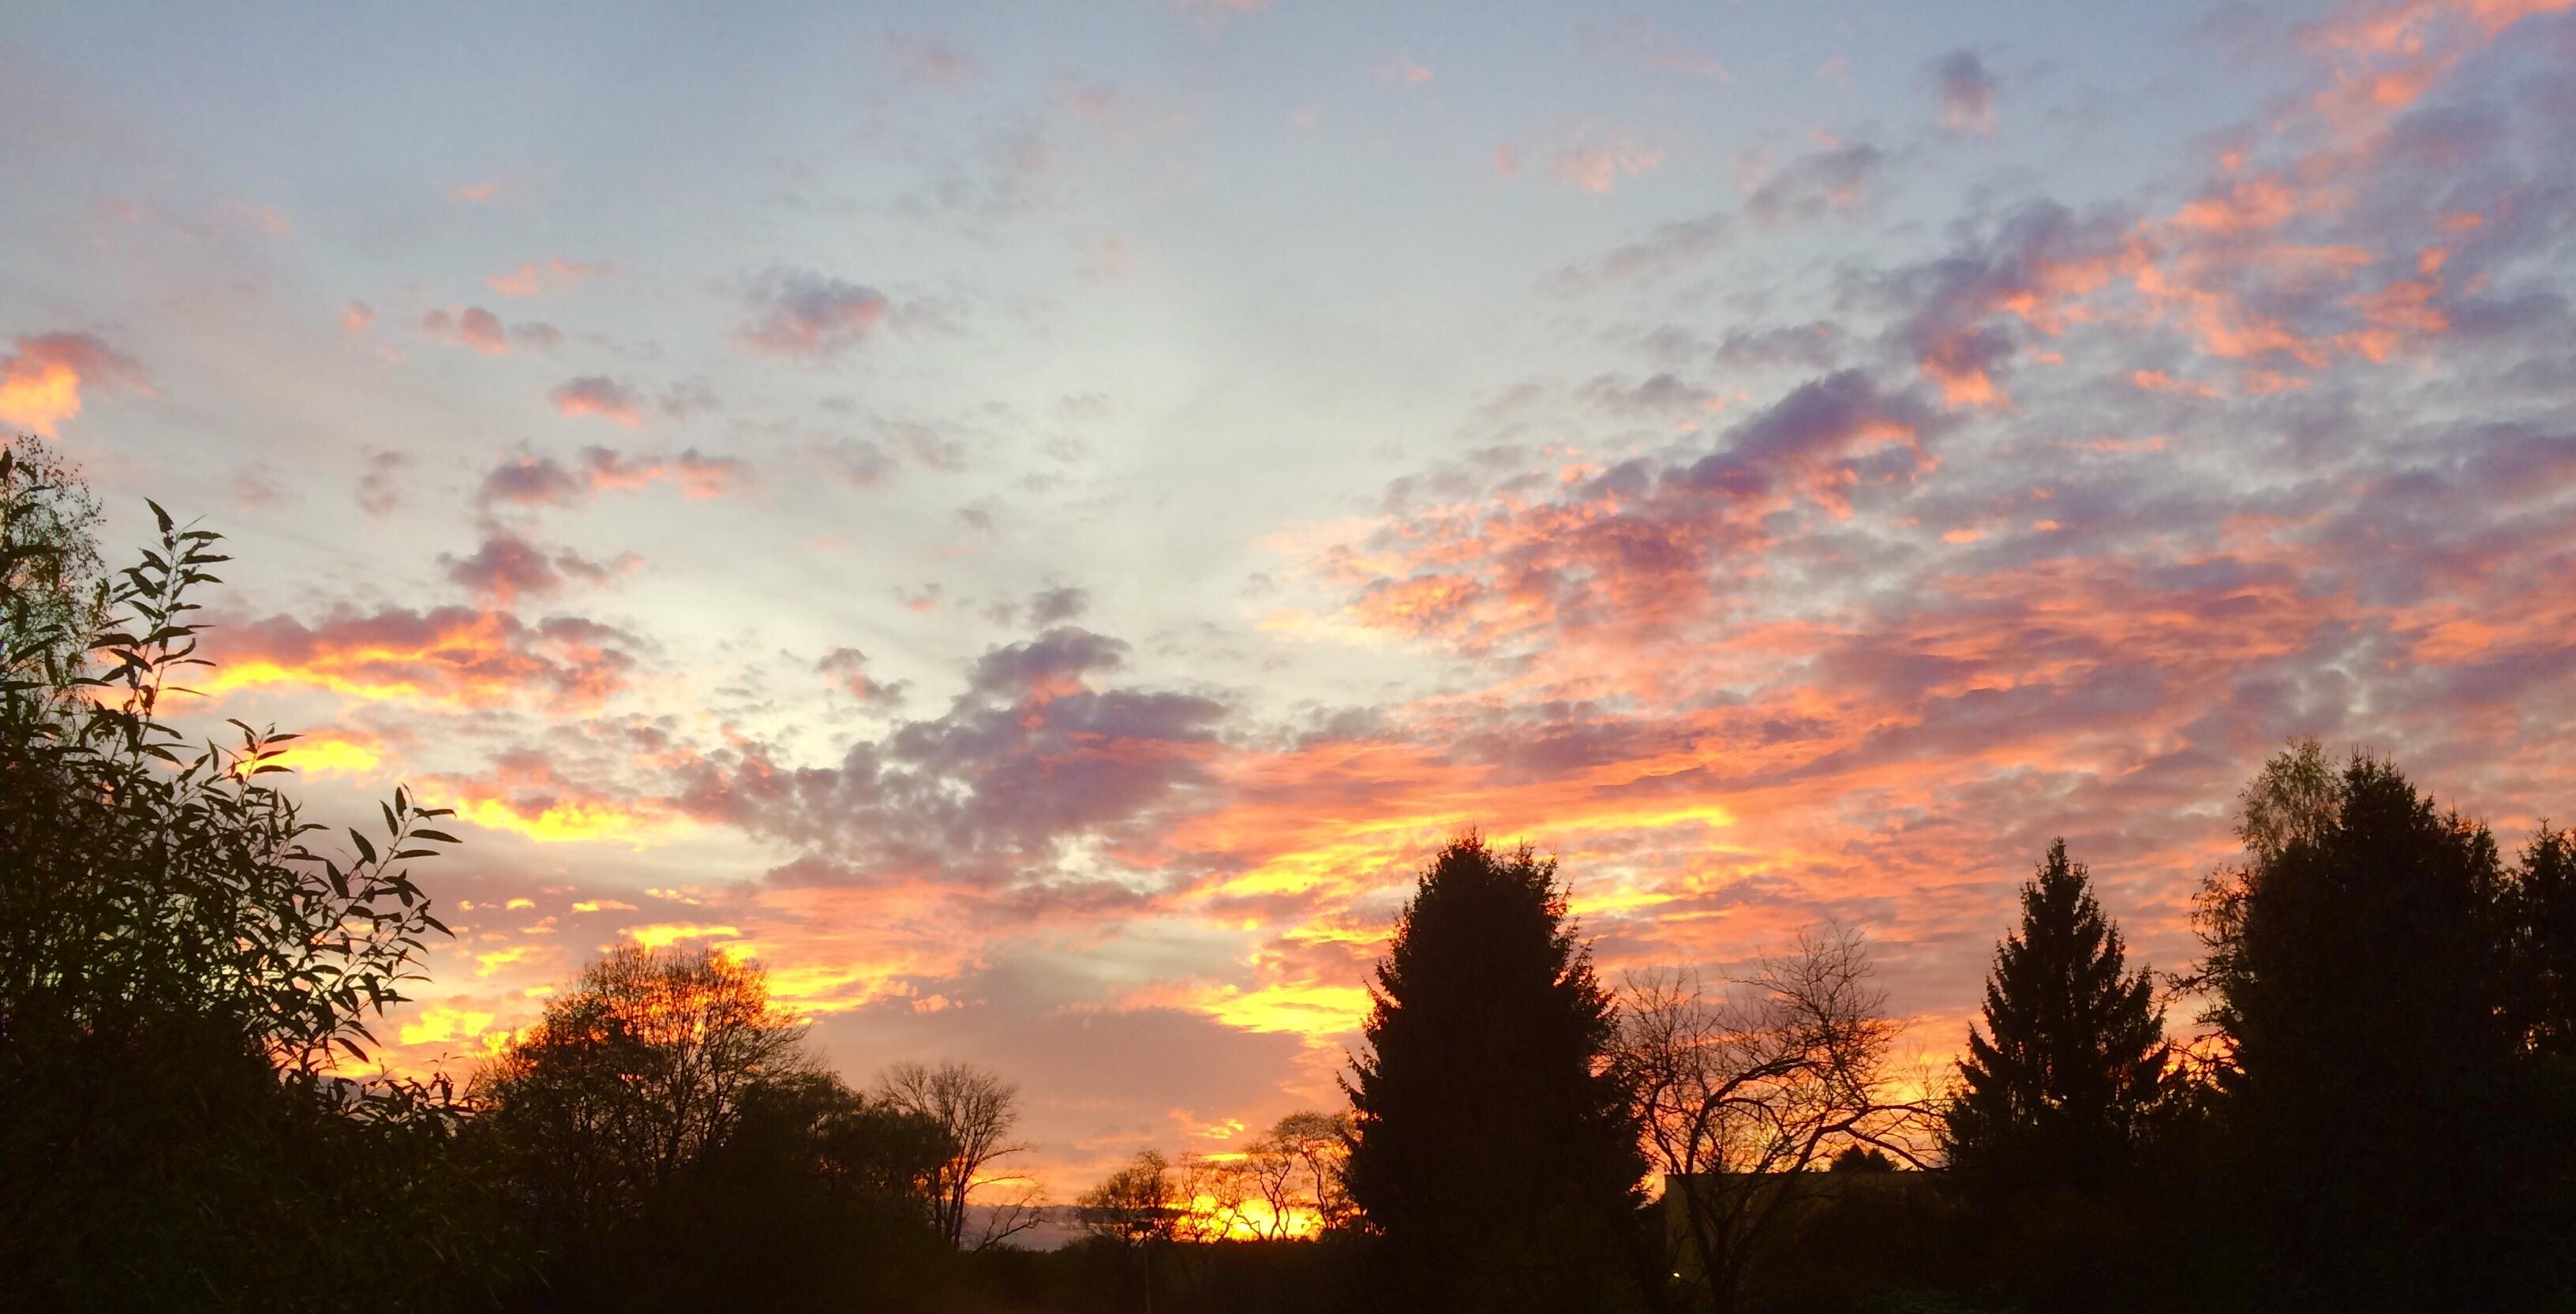 Bunte Wolken, die von der untergehenden Sonne gefärbt werden